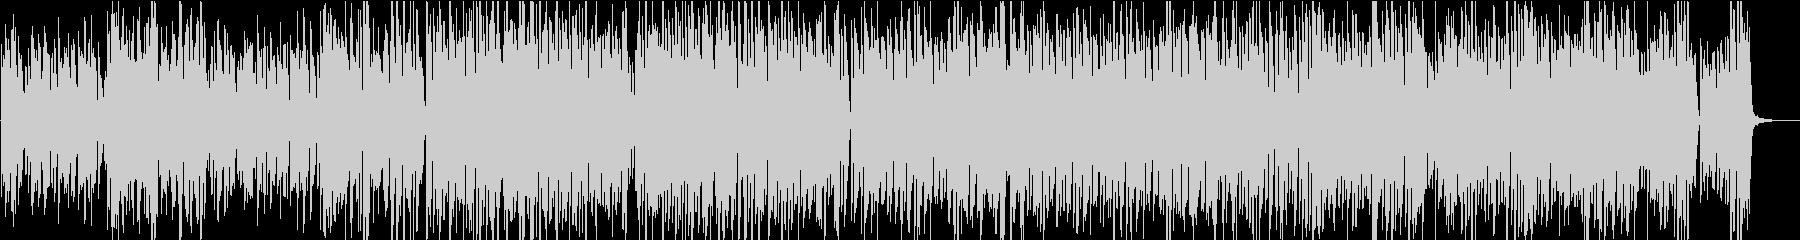 ピアノBGM レトロ感が逆に新しいの未再生の波形